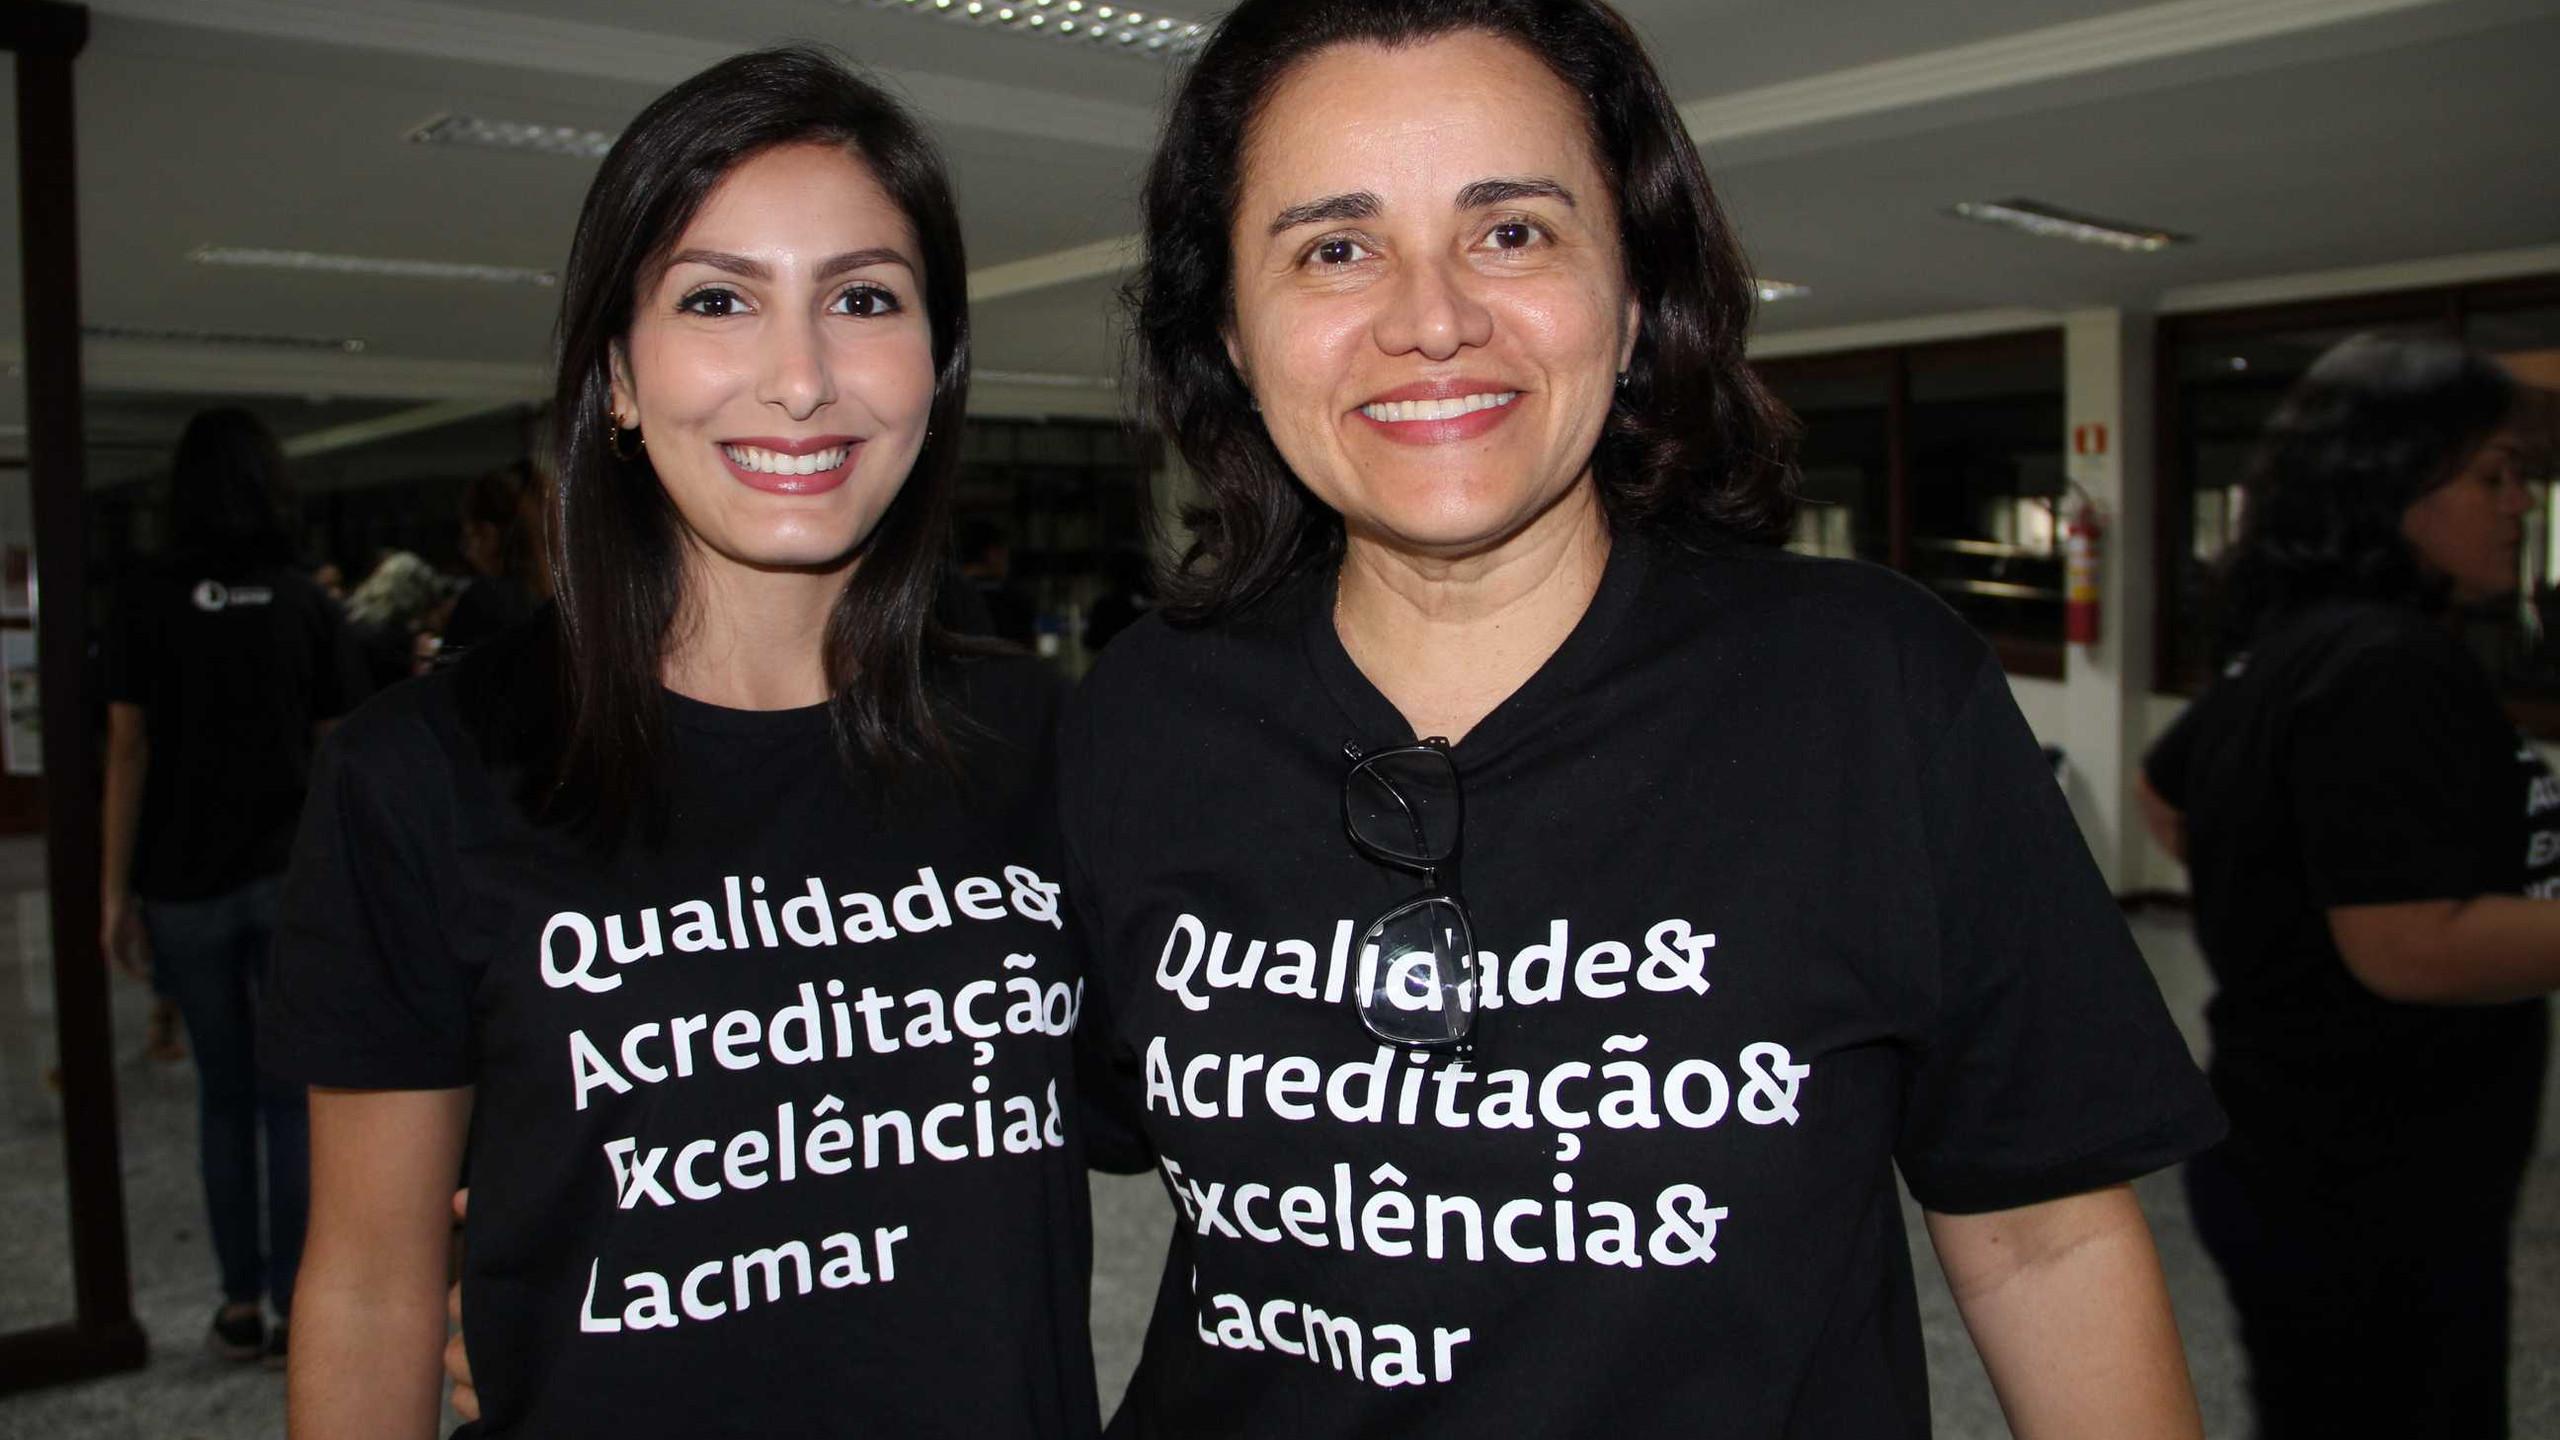 A Ger. de Qualidade do Lacmar Vivianne Lopes e a Ger. Adm. Suzana Viana.